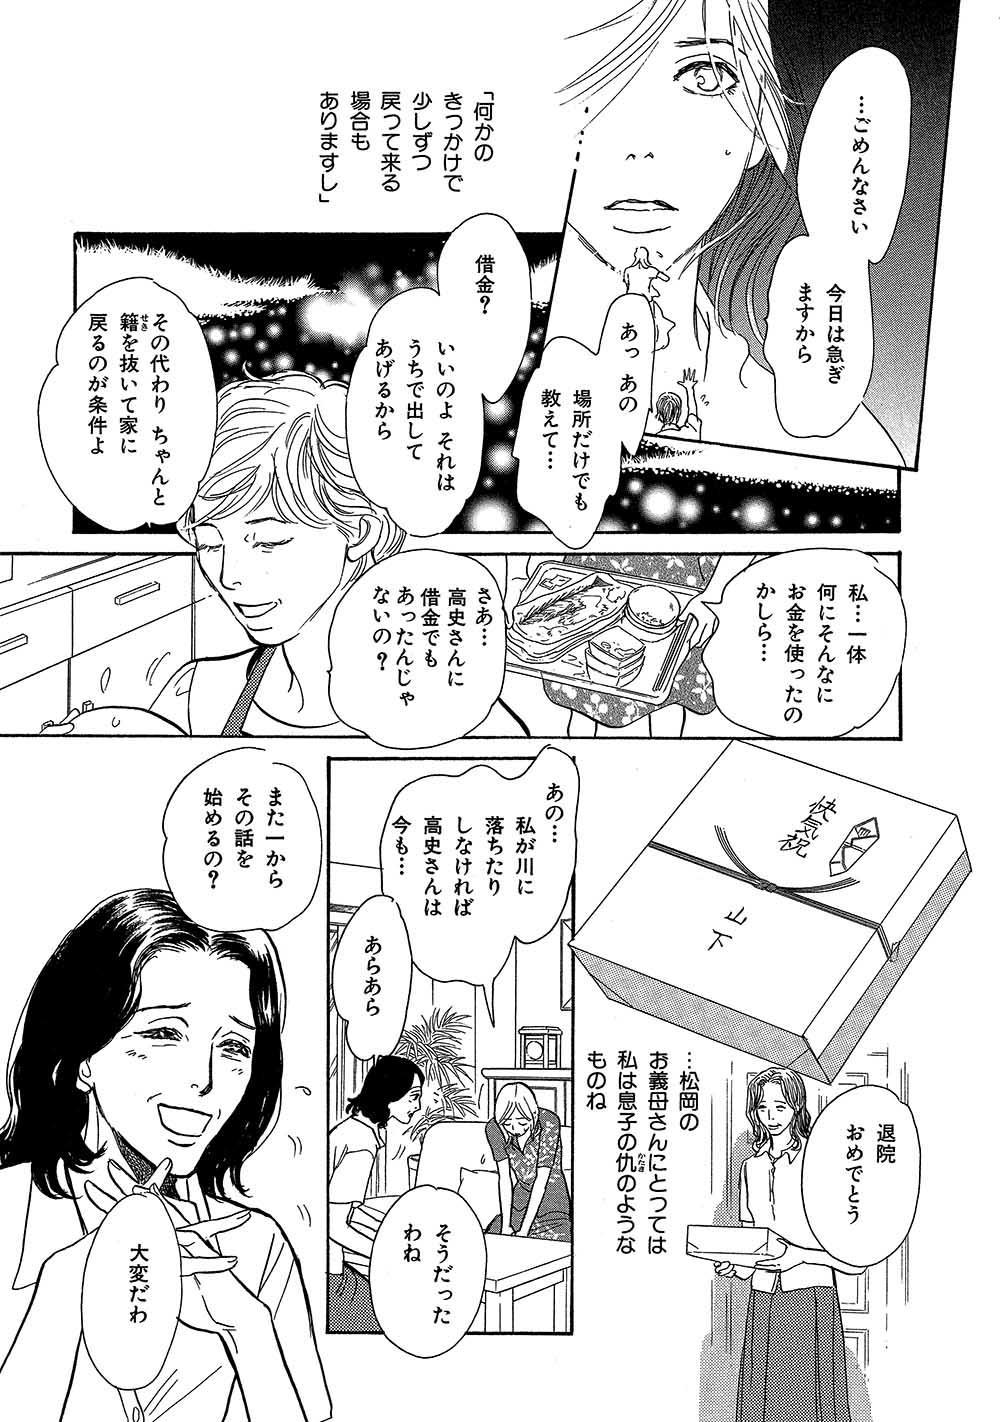 hyakki_0016_0083.jpg